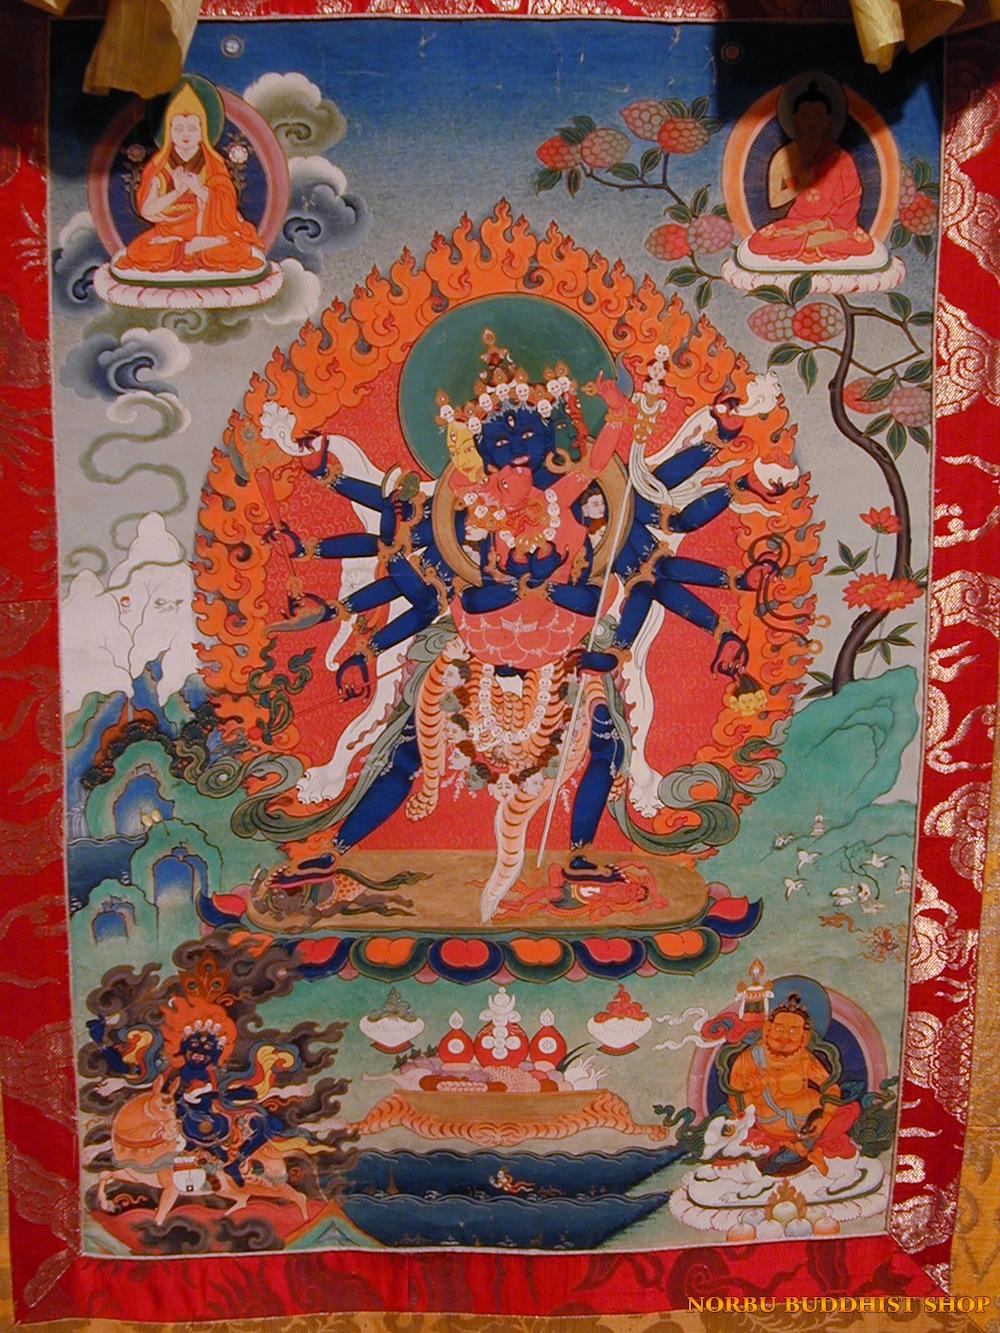 Ý nghĩa tôn giáo trong tranh Thangka Tây Tạng - Tangka Tibet có gì đặc sắc? 7